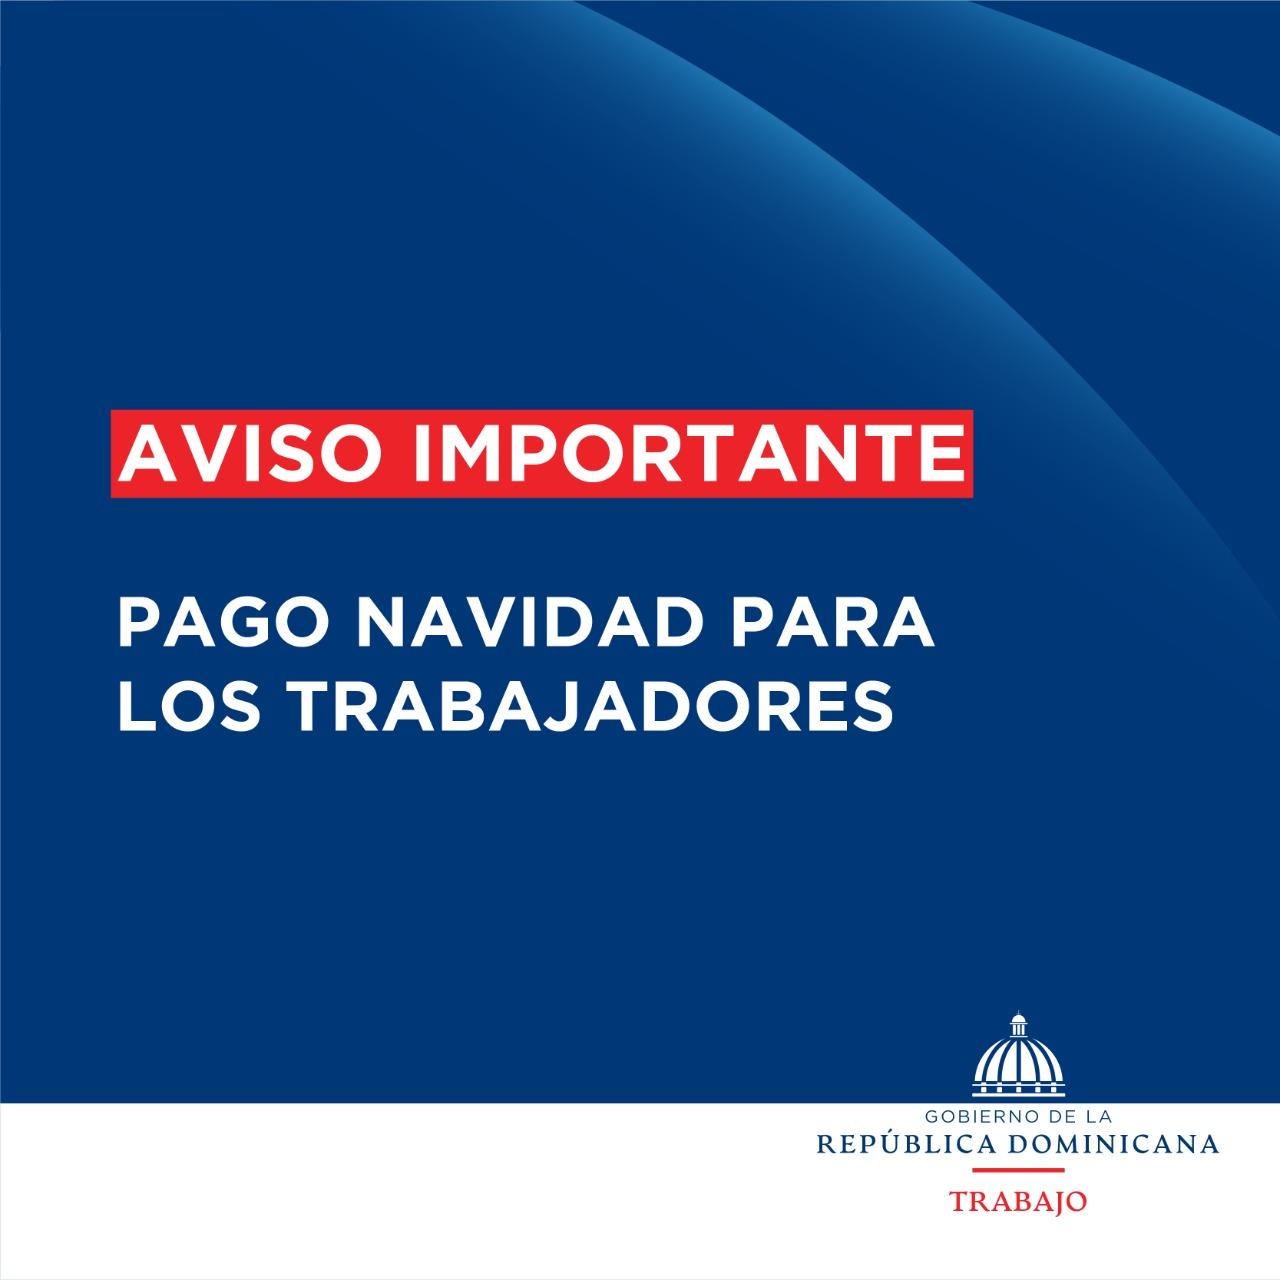 Ministerio de Trabajo exhorta a empleadores y trabajadores actualizar datos en SIRLA para pago de fondo especial